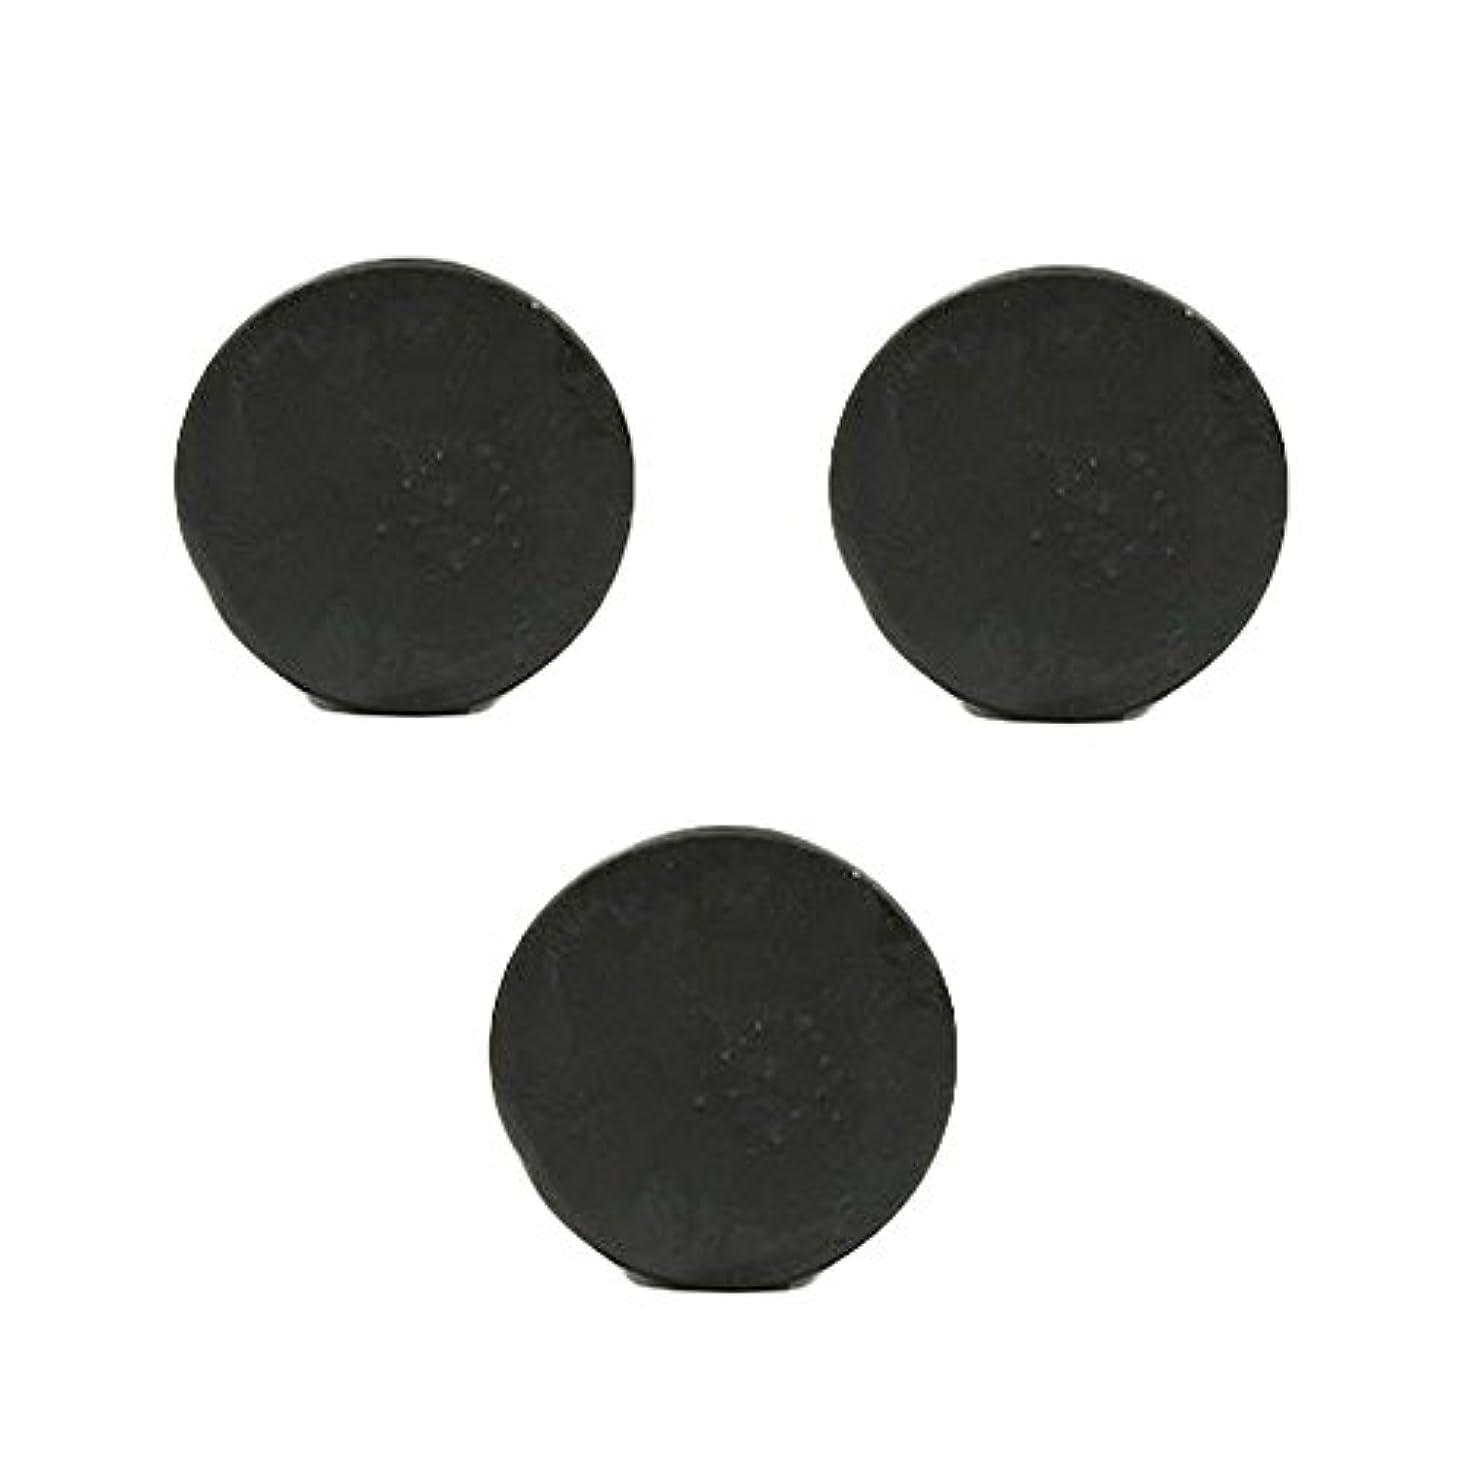 群がる電信コンサート薬用人参クレンジングソープ3個 / Fermented Dark Black Ginseng Cleansing Soap 3pcs[海外直送品] [並行輸入品]